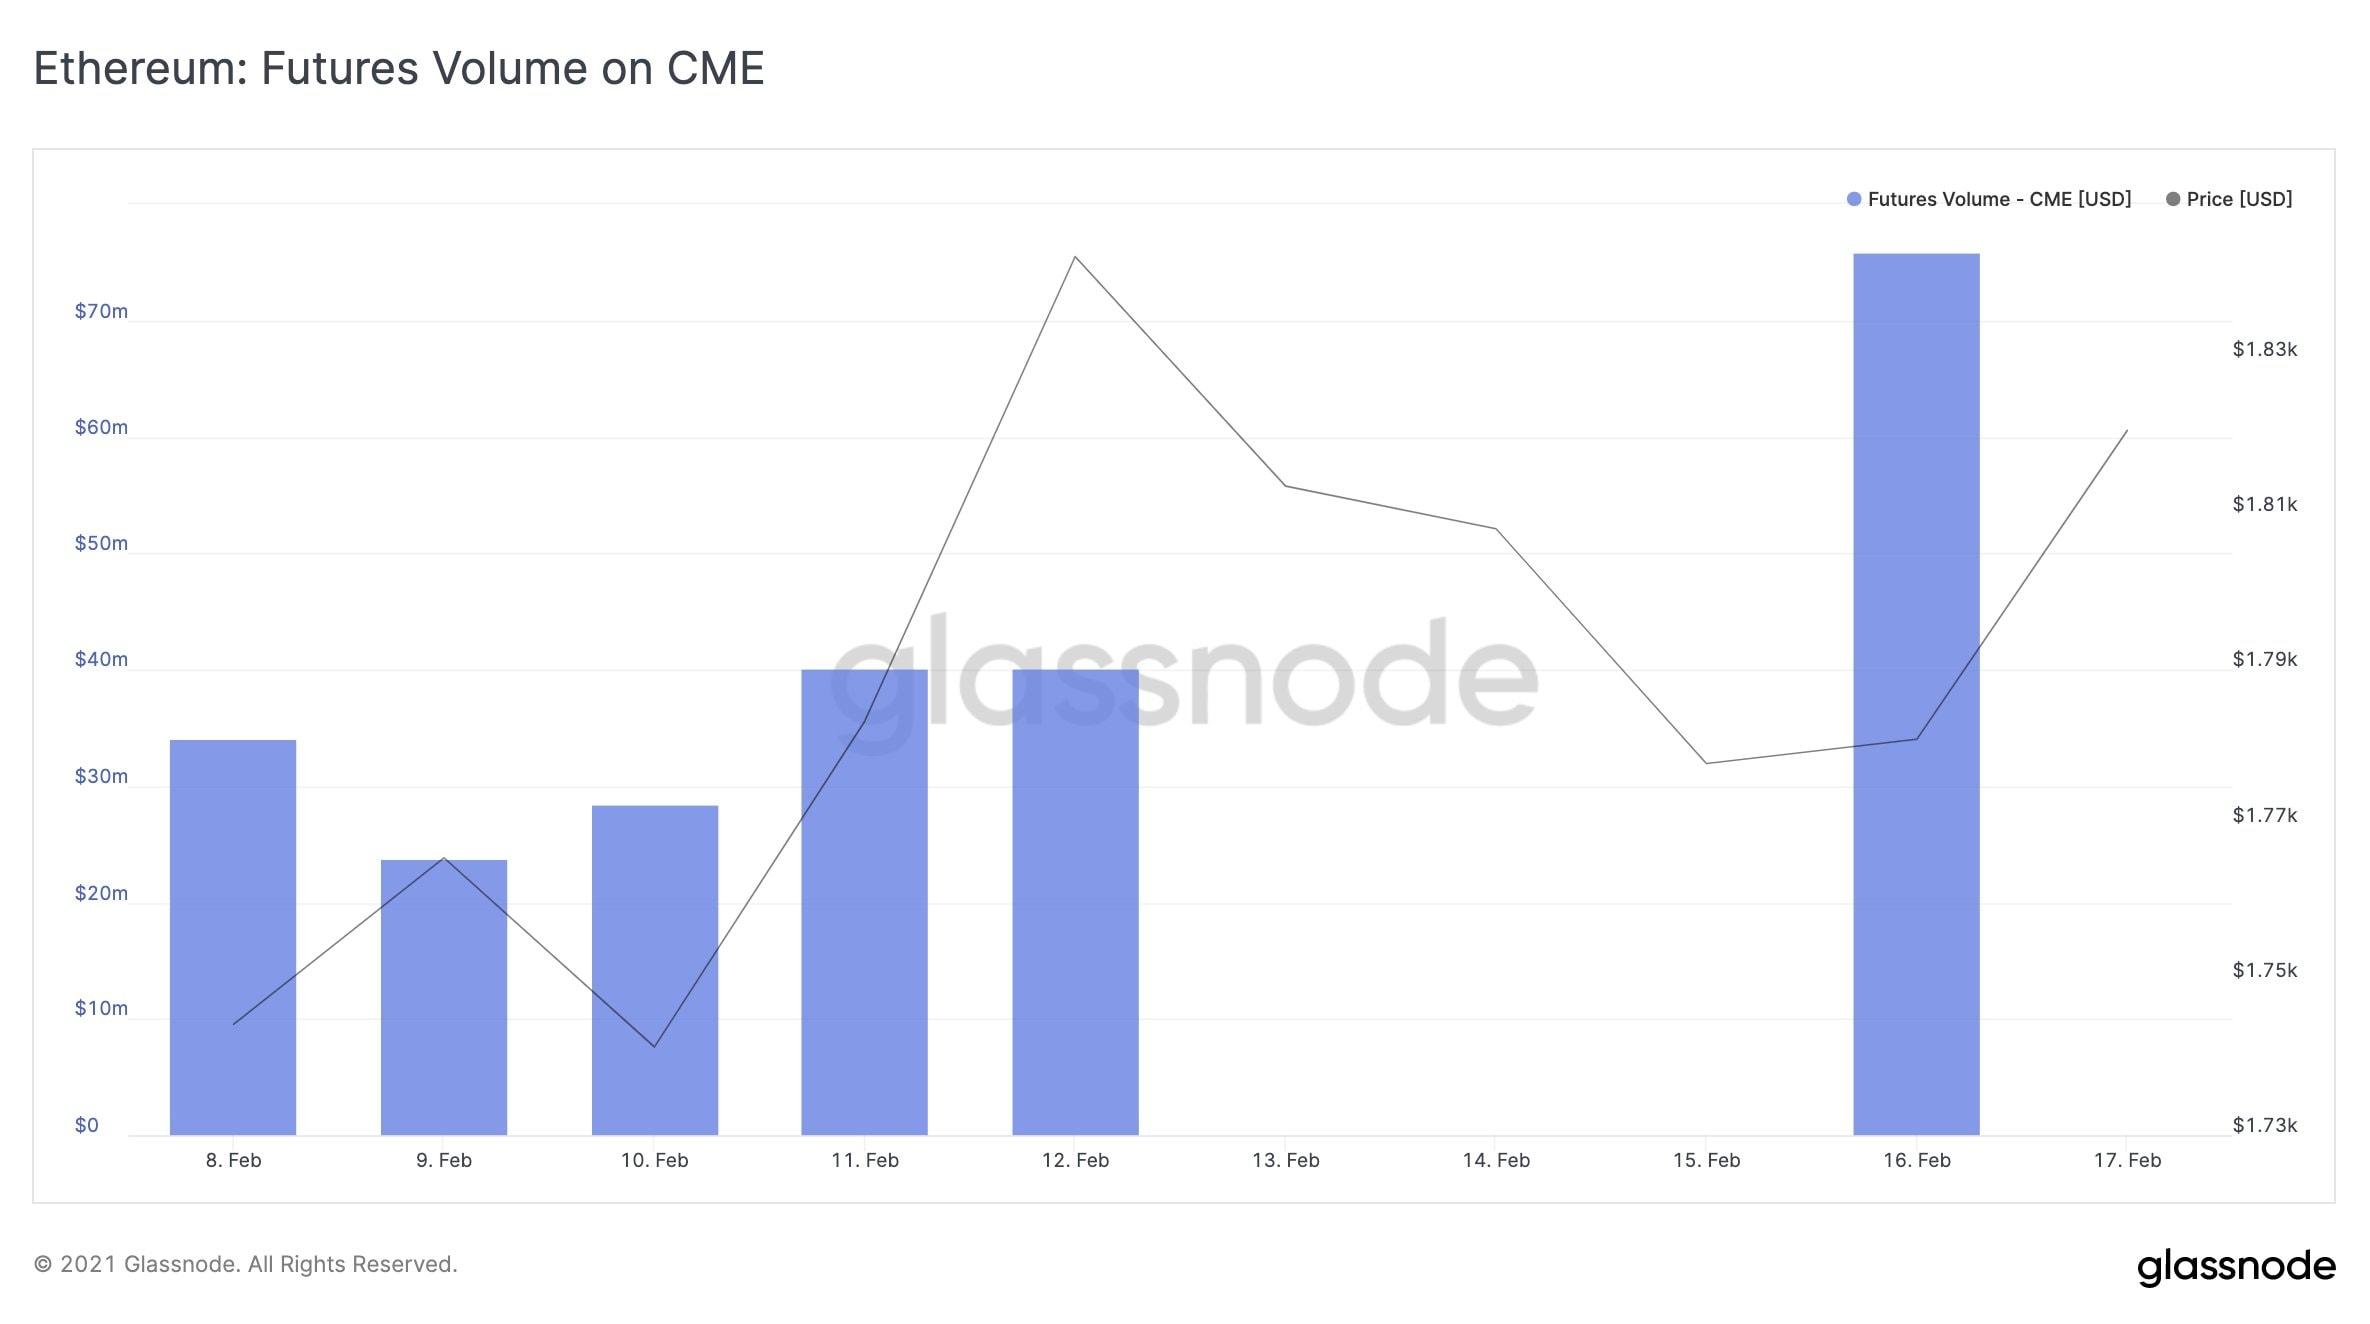 Ethereum CME Futures Volume